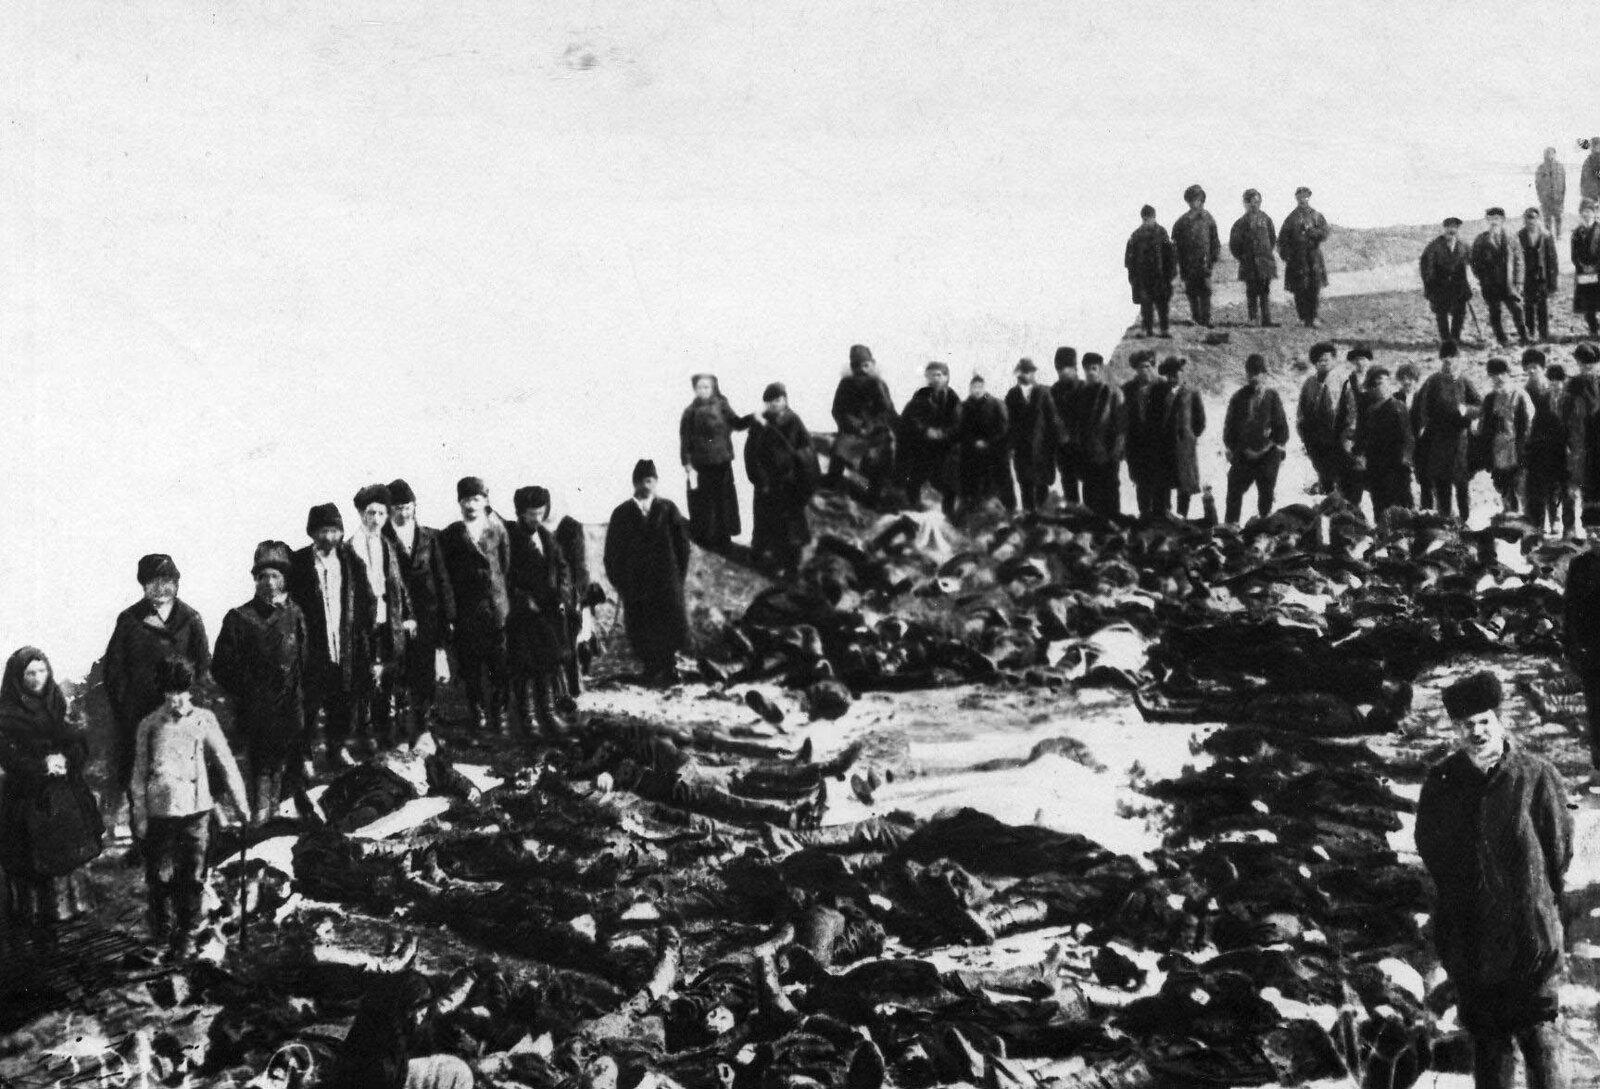 04. 1912. Родственники и друзья у тел убитых рабочих. 4 апреля